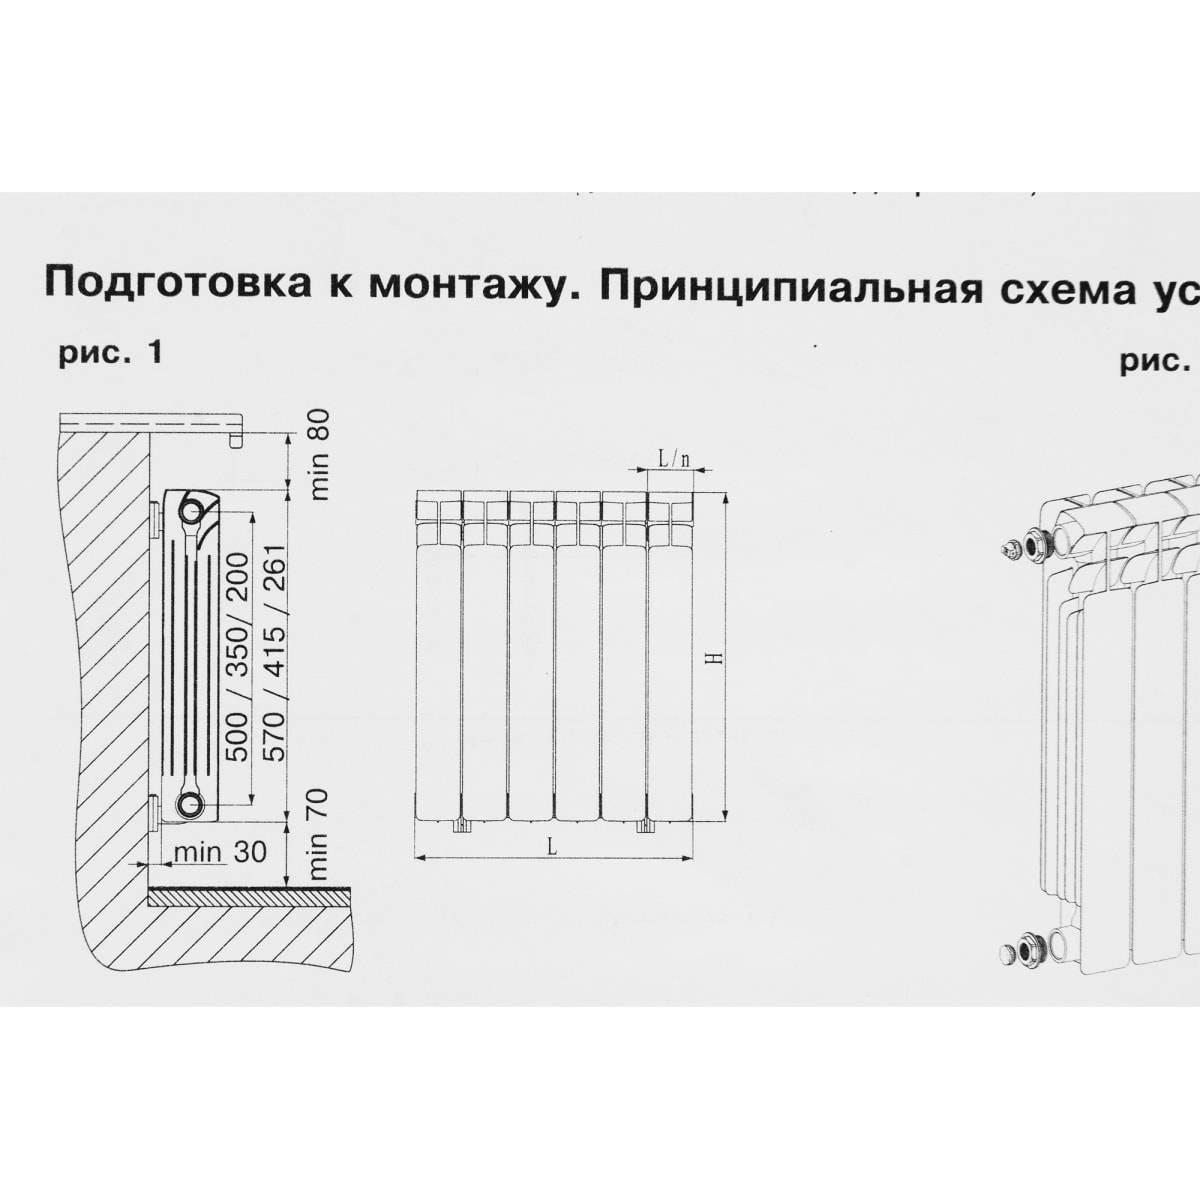 Биметаллические радиаторы рифар: обзор приборов и стоимости, правила монтажа, технические характеристики,батареи отопления,rifar supremo.